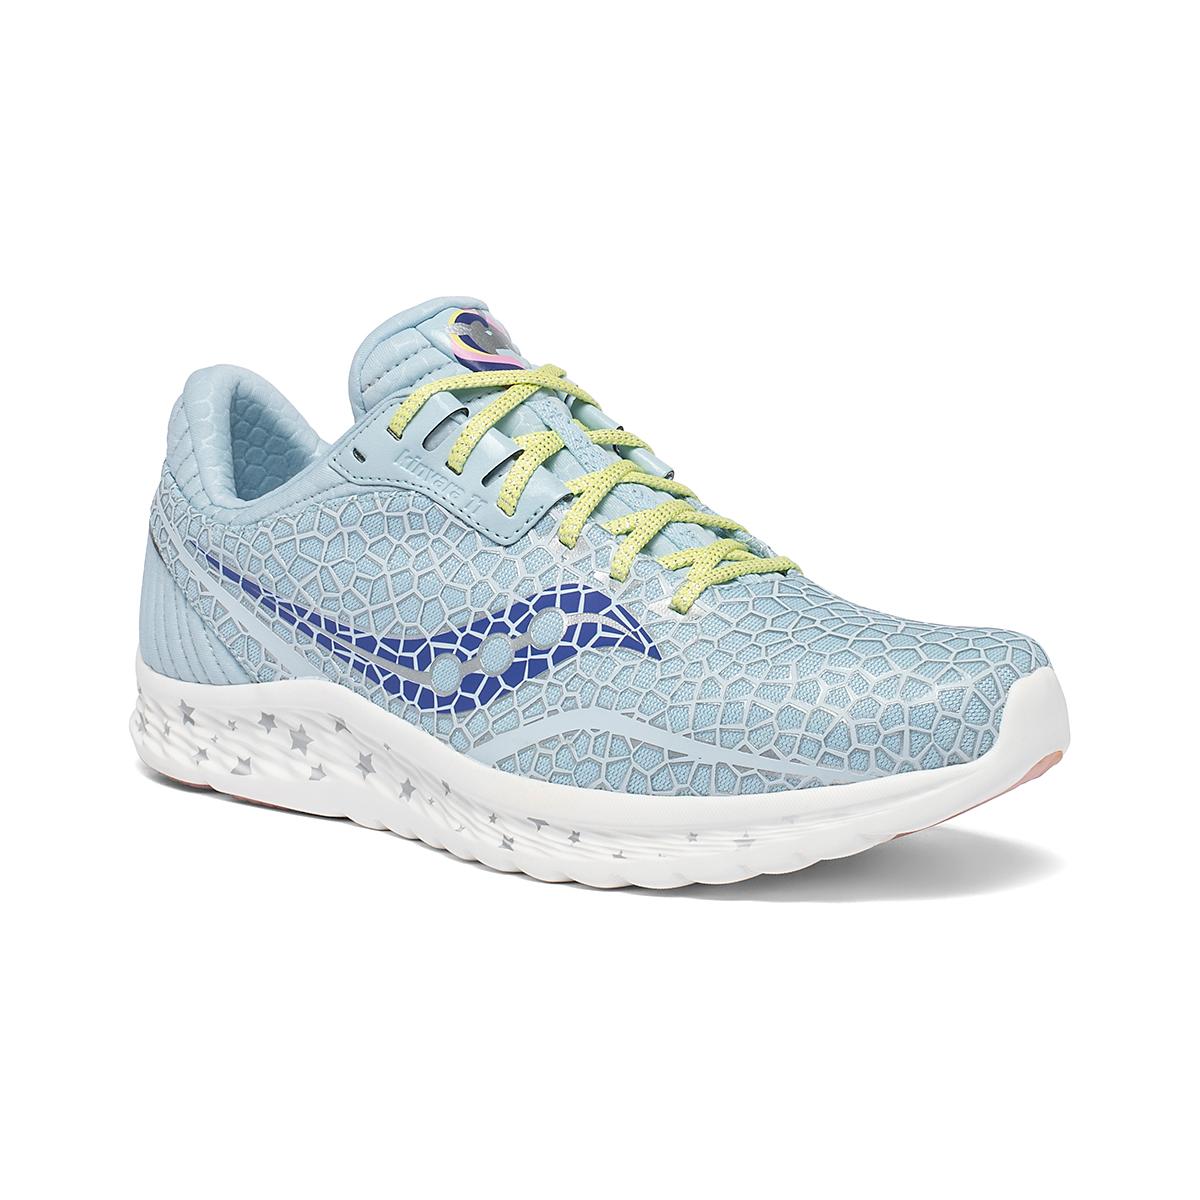 Saucony Shoes with Soul Kinvara 11 Running Shoe - Color: Jordynn - Size: M3.5/W5 - Width: Regular, Jordynn, large, image 4